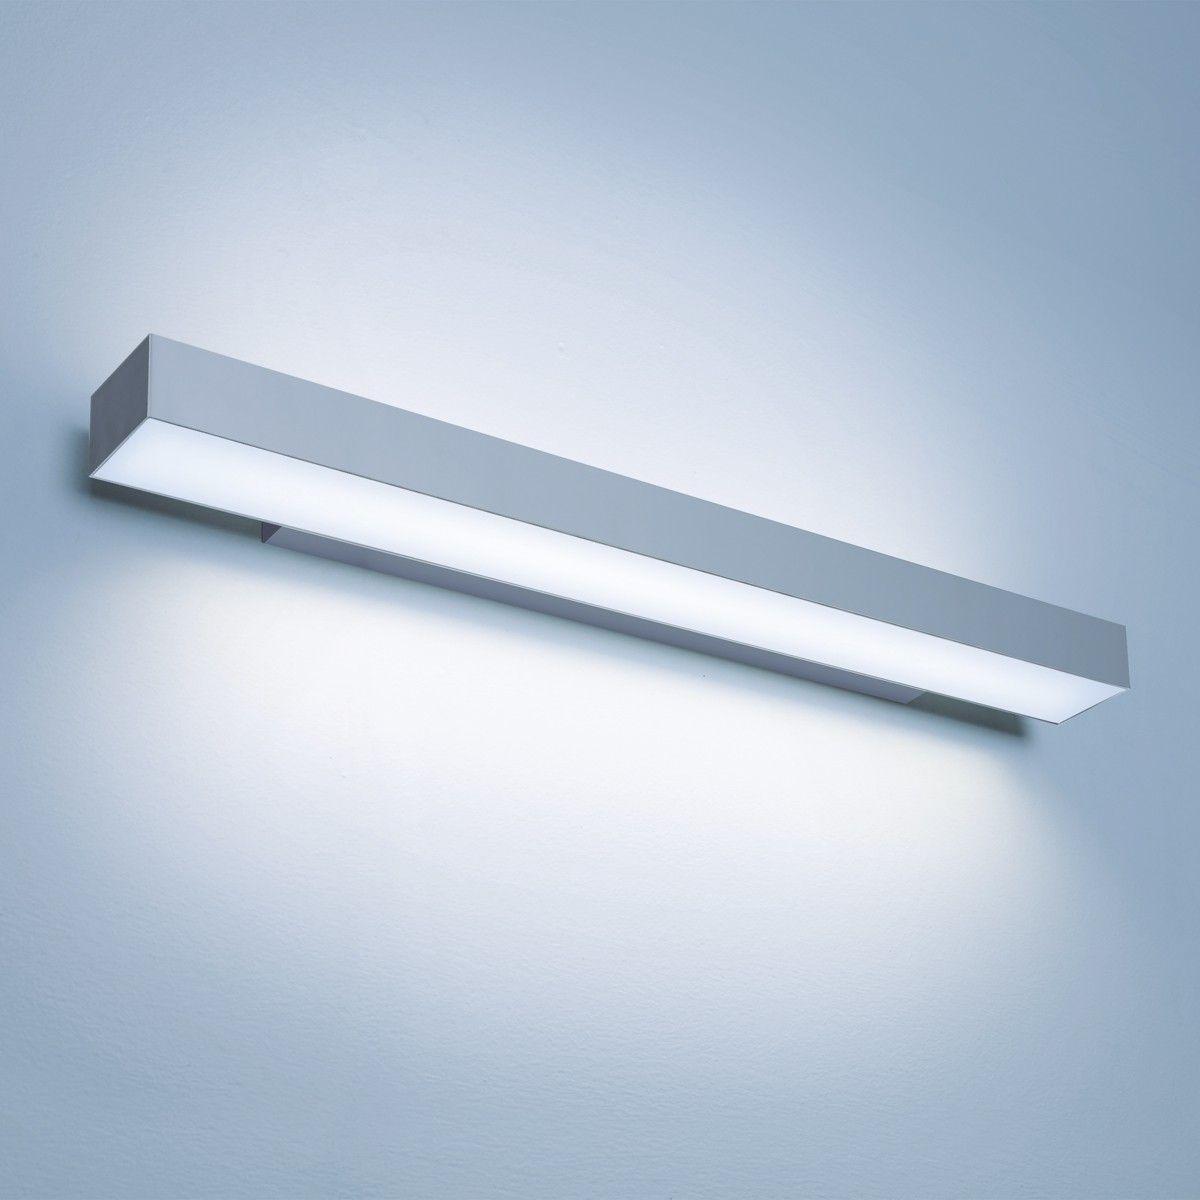 Indirekte Wandbeleuchtung Led Selber Bauen Wandlampe Kuche Wandbeleuchtung Batterie Edelstahl W Wandleuchte Kronleuchter Mit Lampenschirm Stehlampe Retro